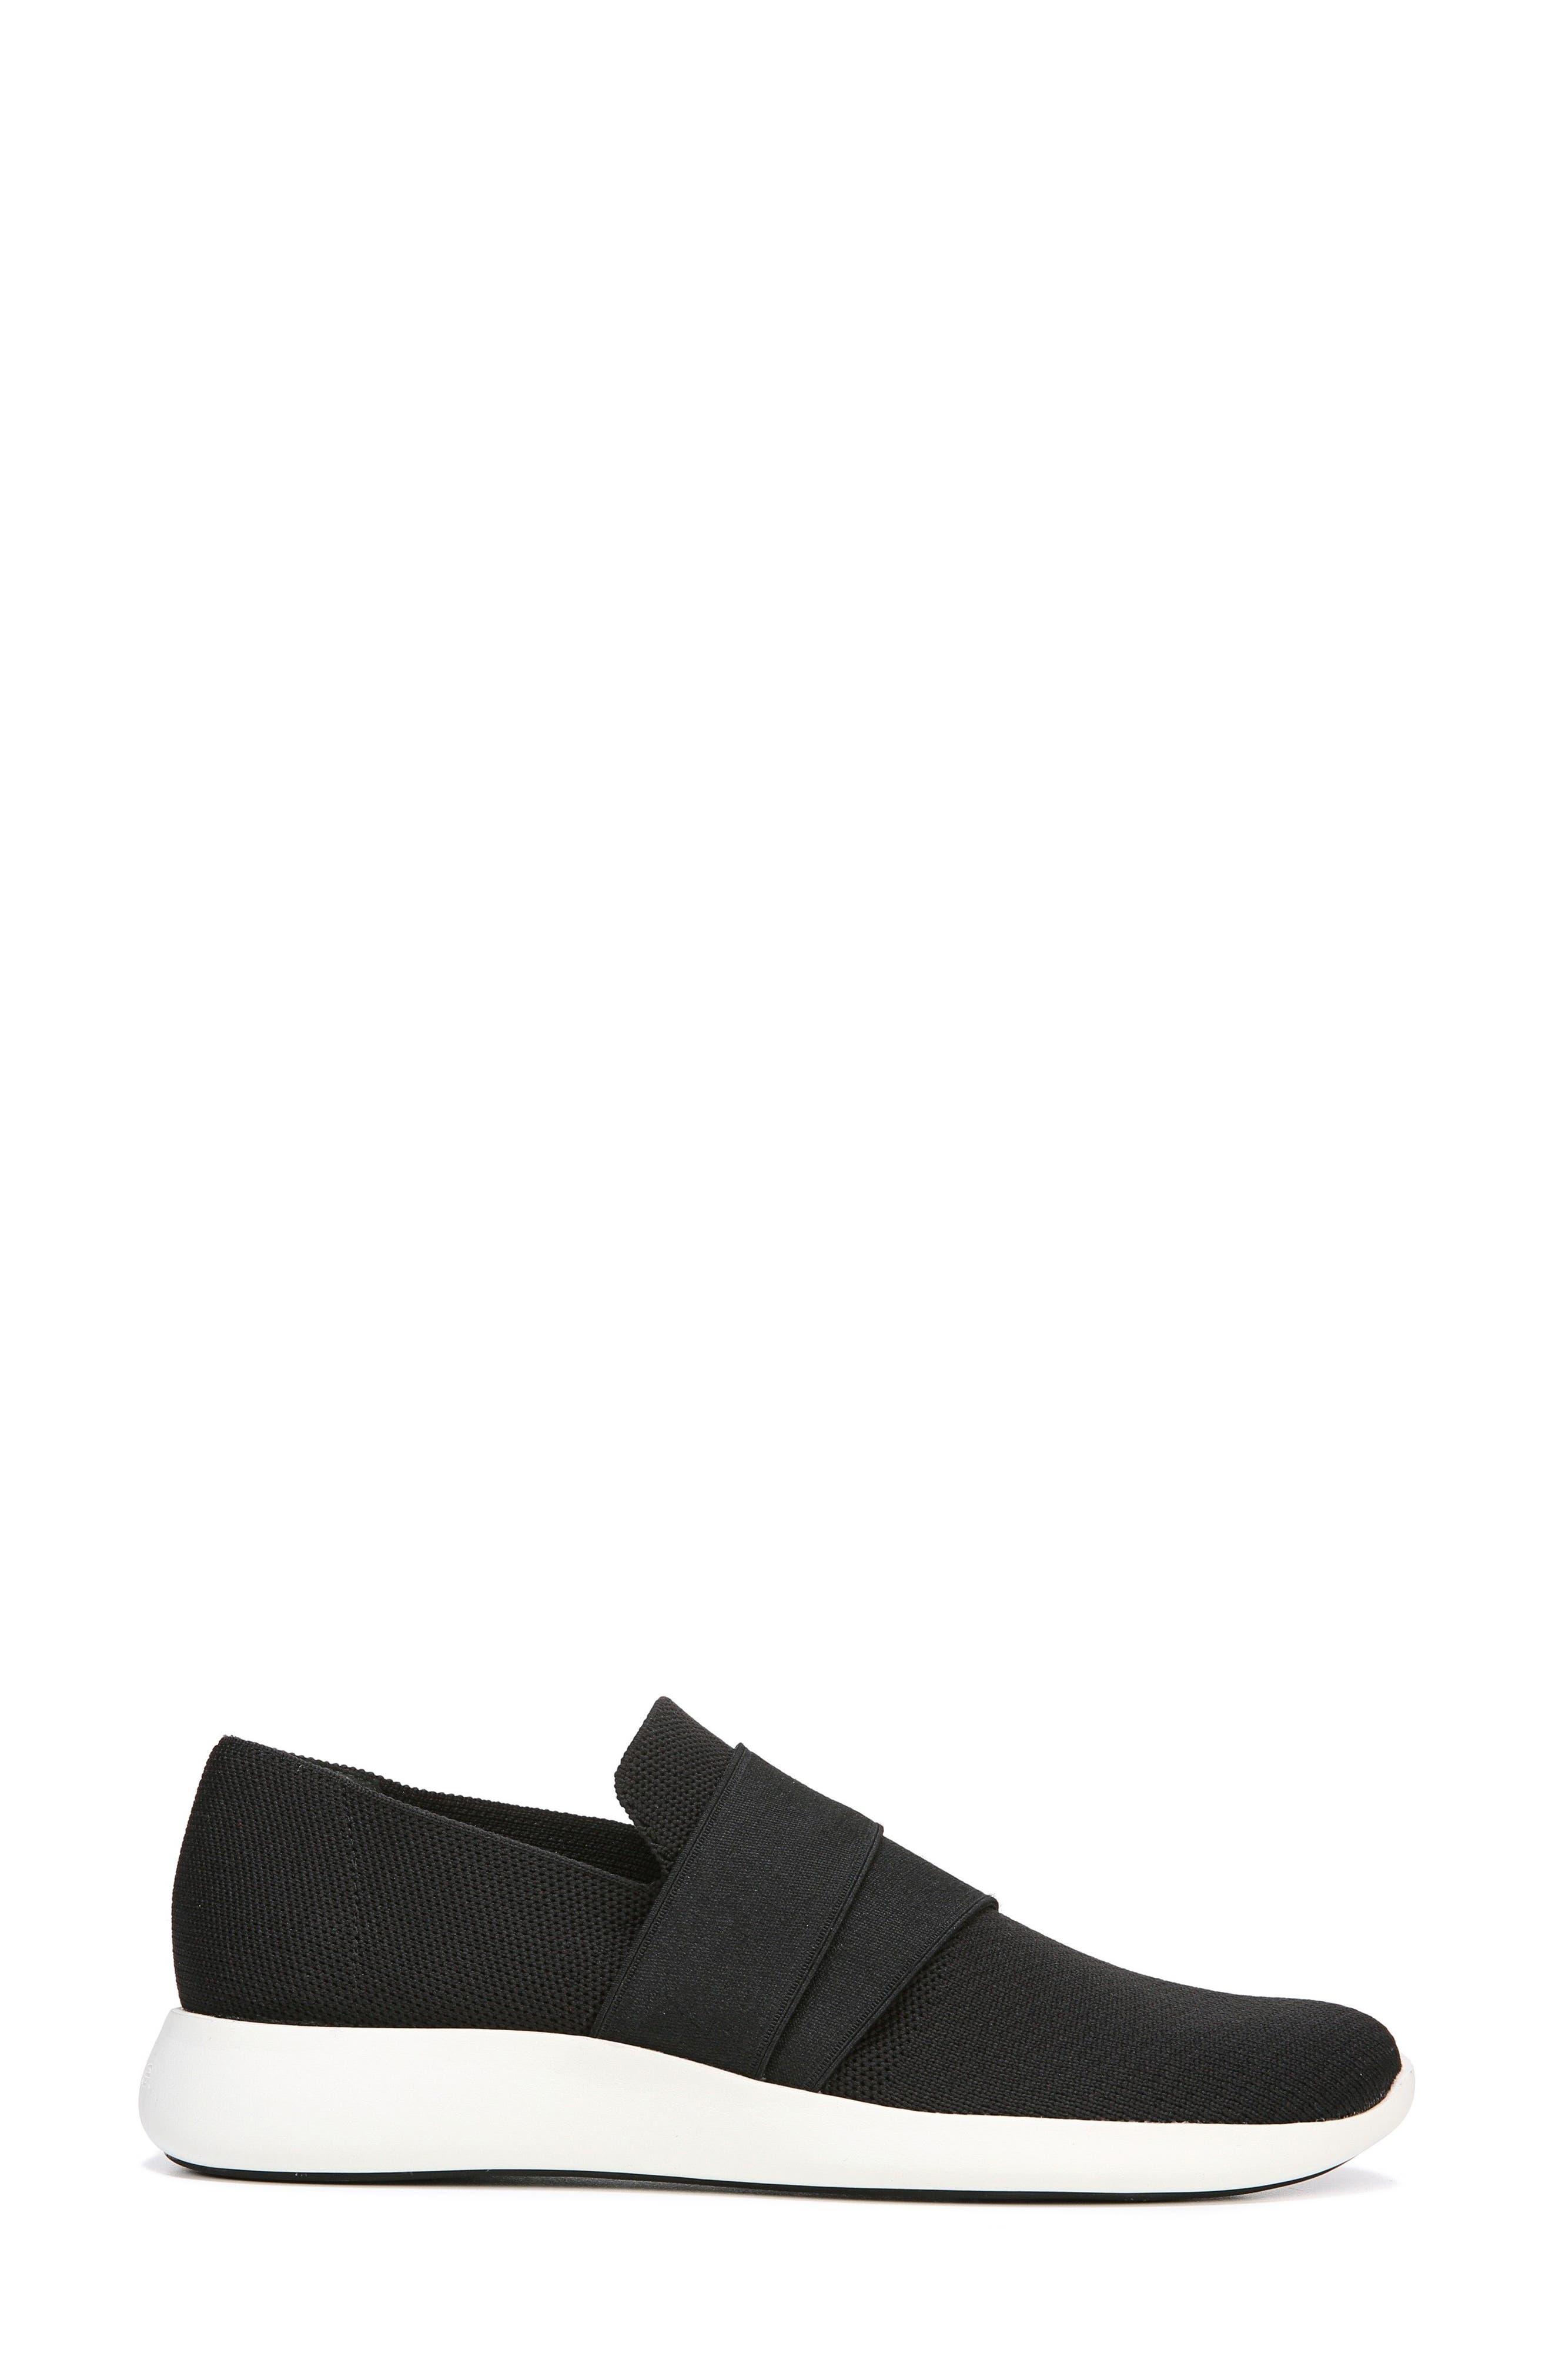 Aston Slip-On Sneaker,                             Alternate thumbnail 3, color,                             BLACK SOLID KNIT